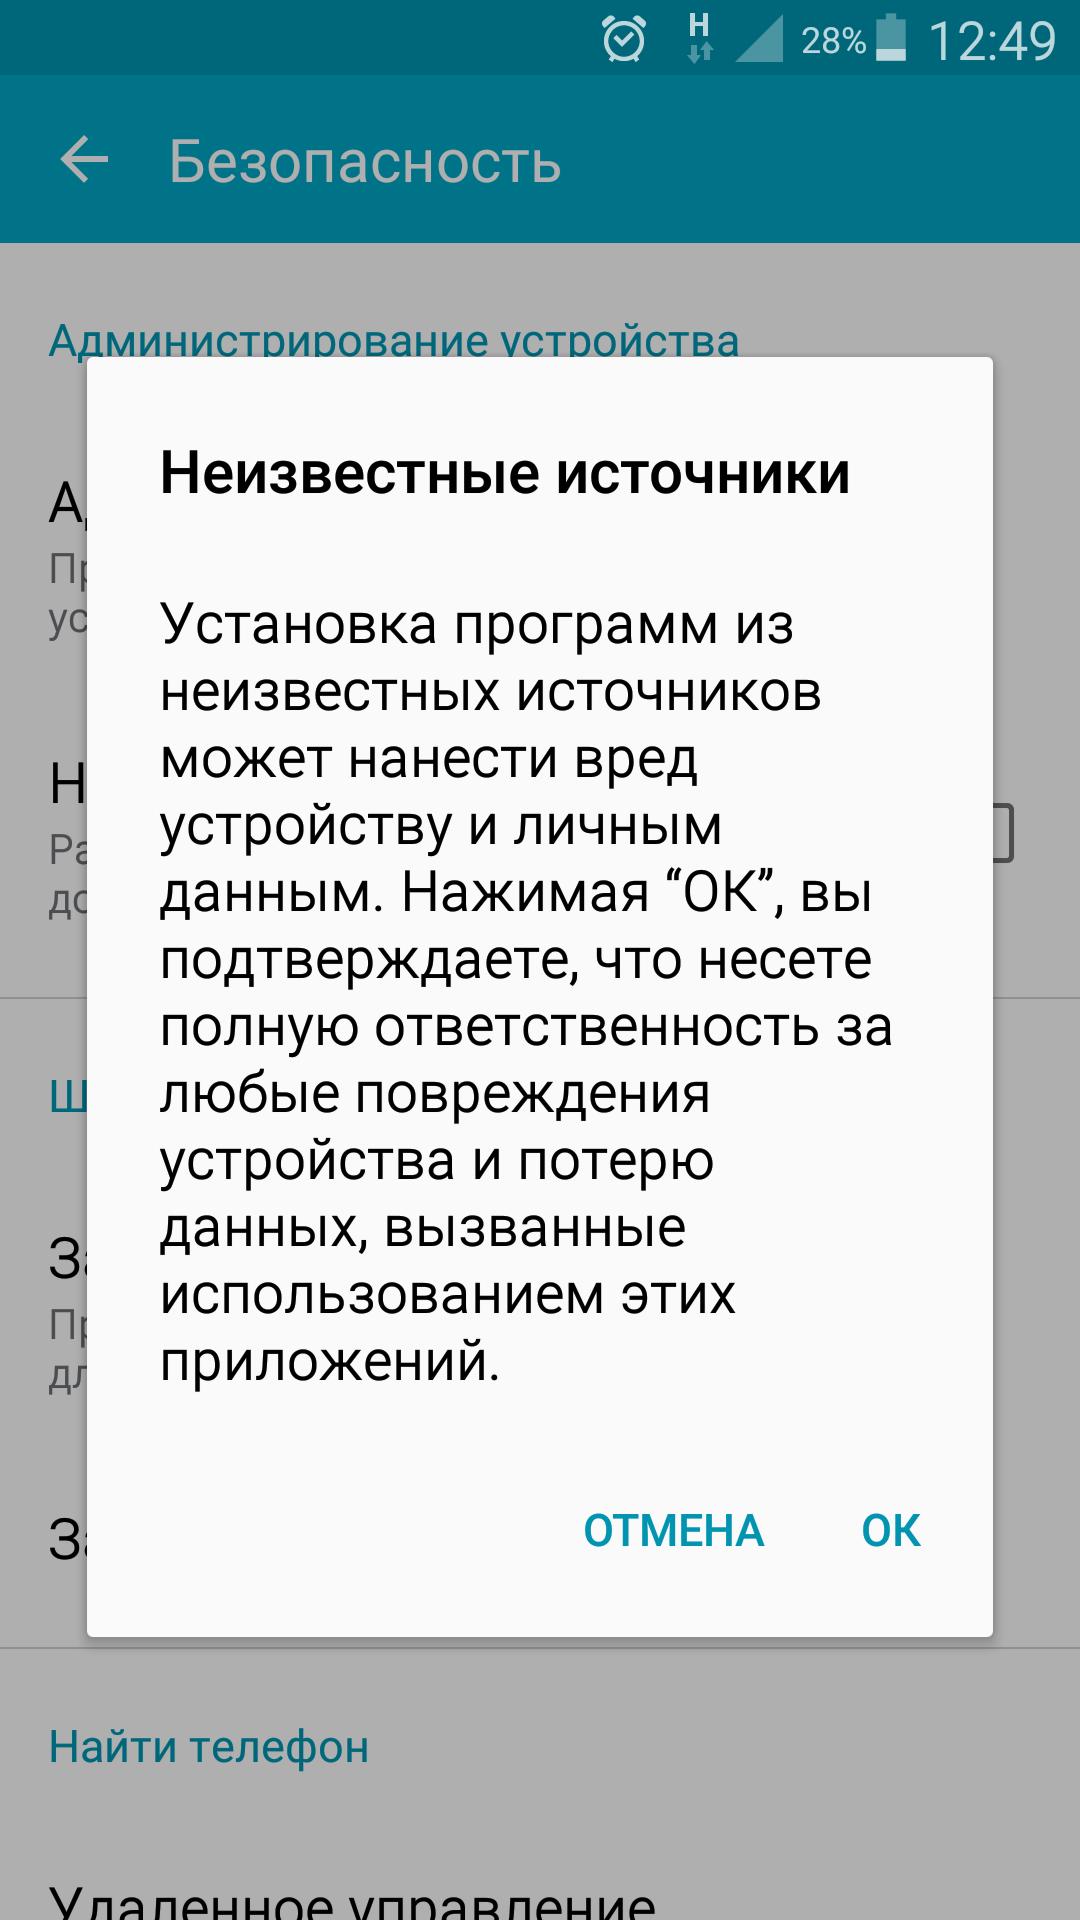 Игры 2248 (apk) бесплатно скачать для Android / ПК